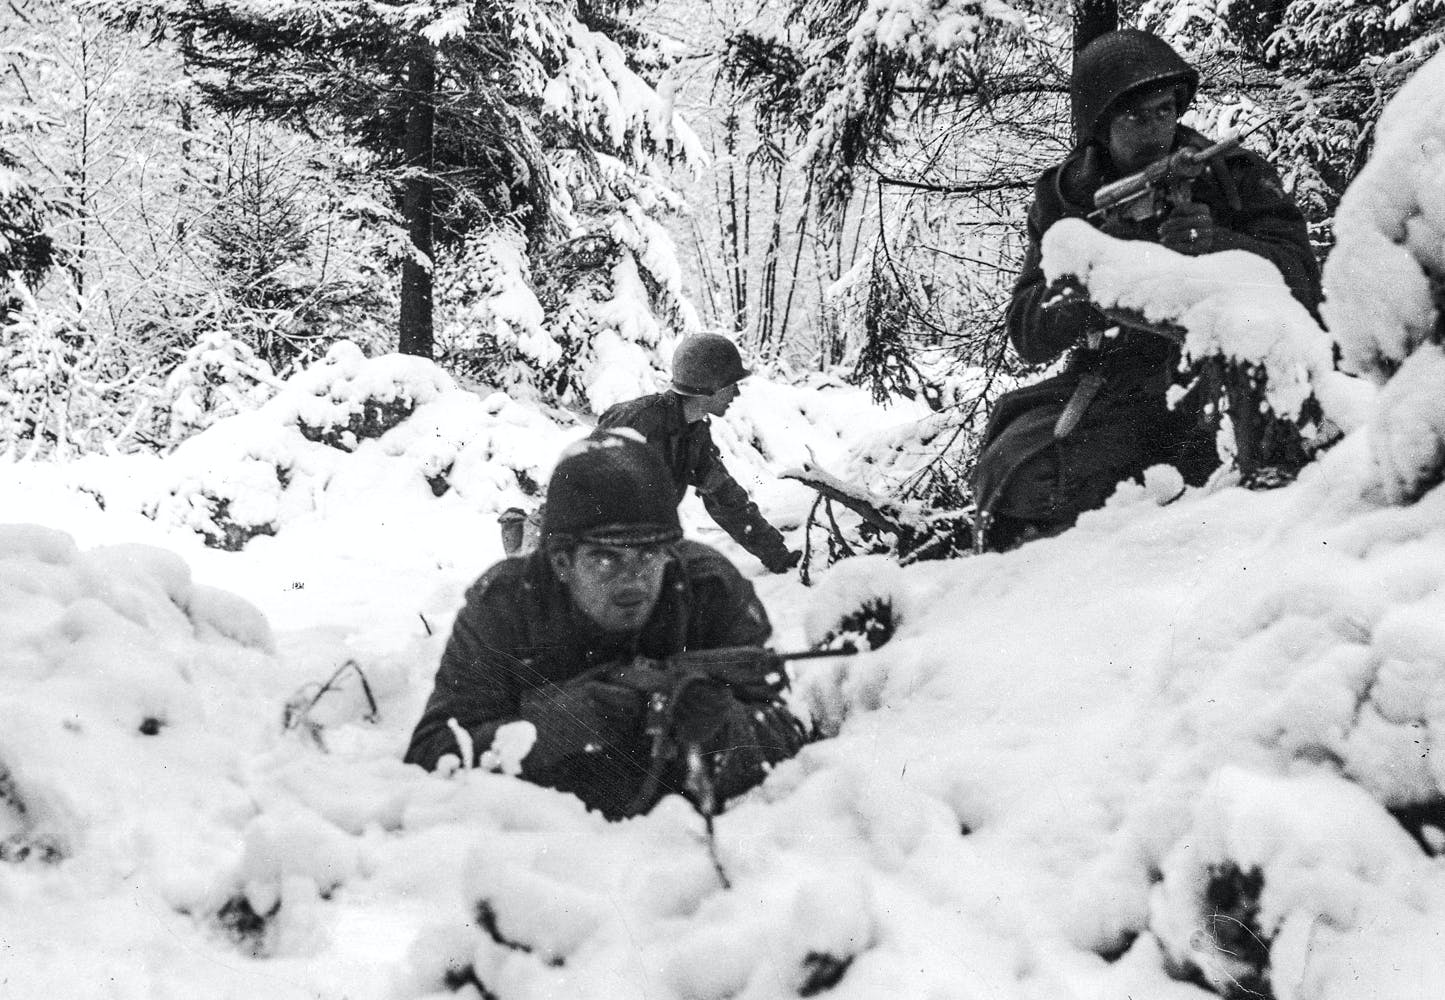 USA kæmper mod en usynlig hær i Krigens sidste Slag | Historienet.dk